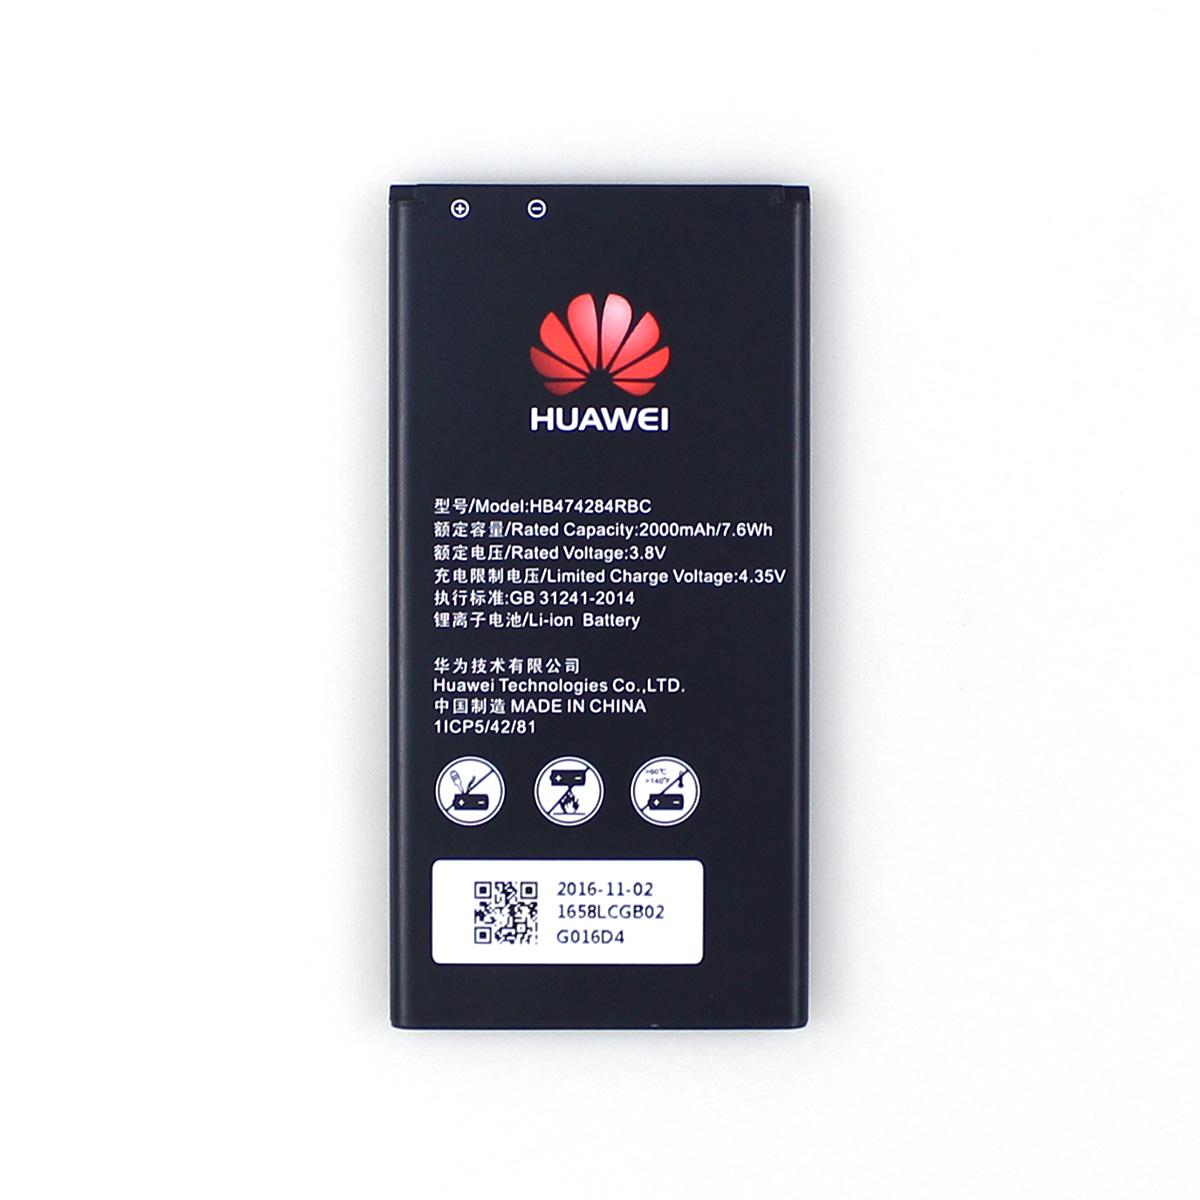 HUAWEI Ascend Y5 Y550 2000mAh HB474285RBC original battery wholesale